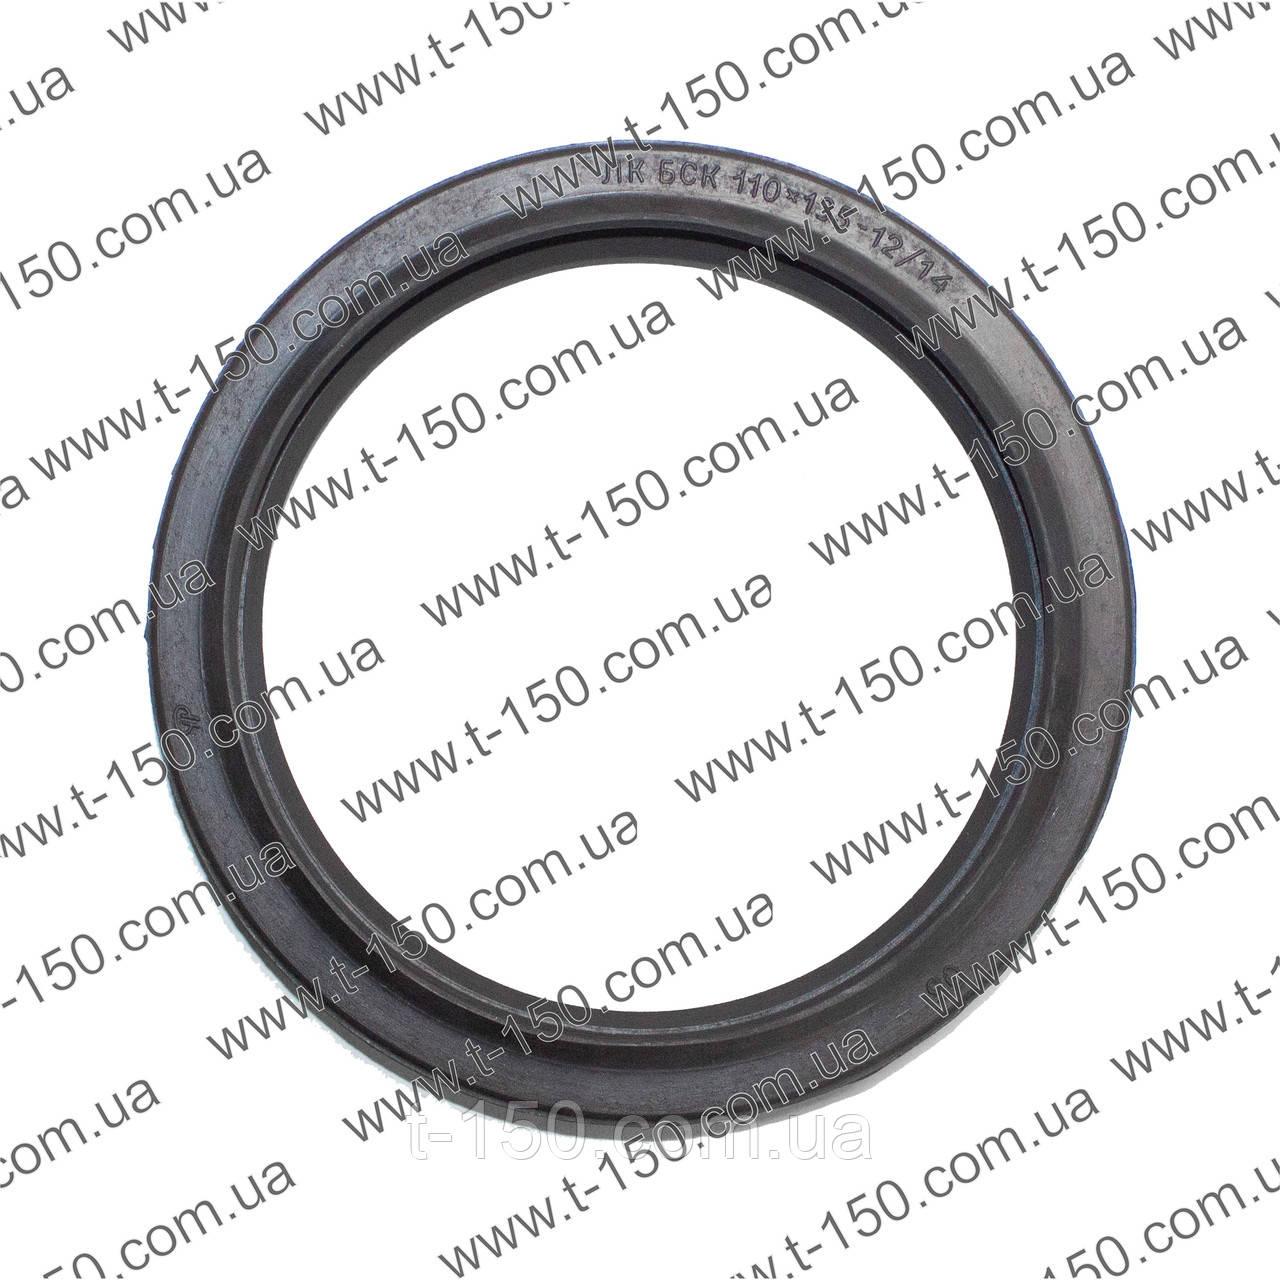 Манжета коленчатого вала передняя СМД-31 ЛК БСК (черная) 110х135